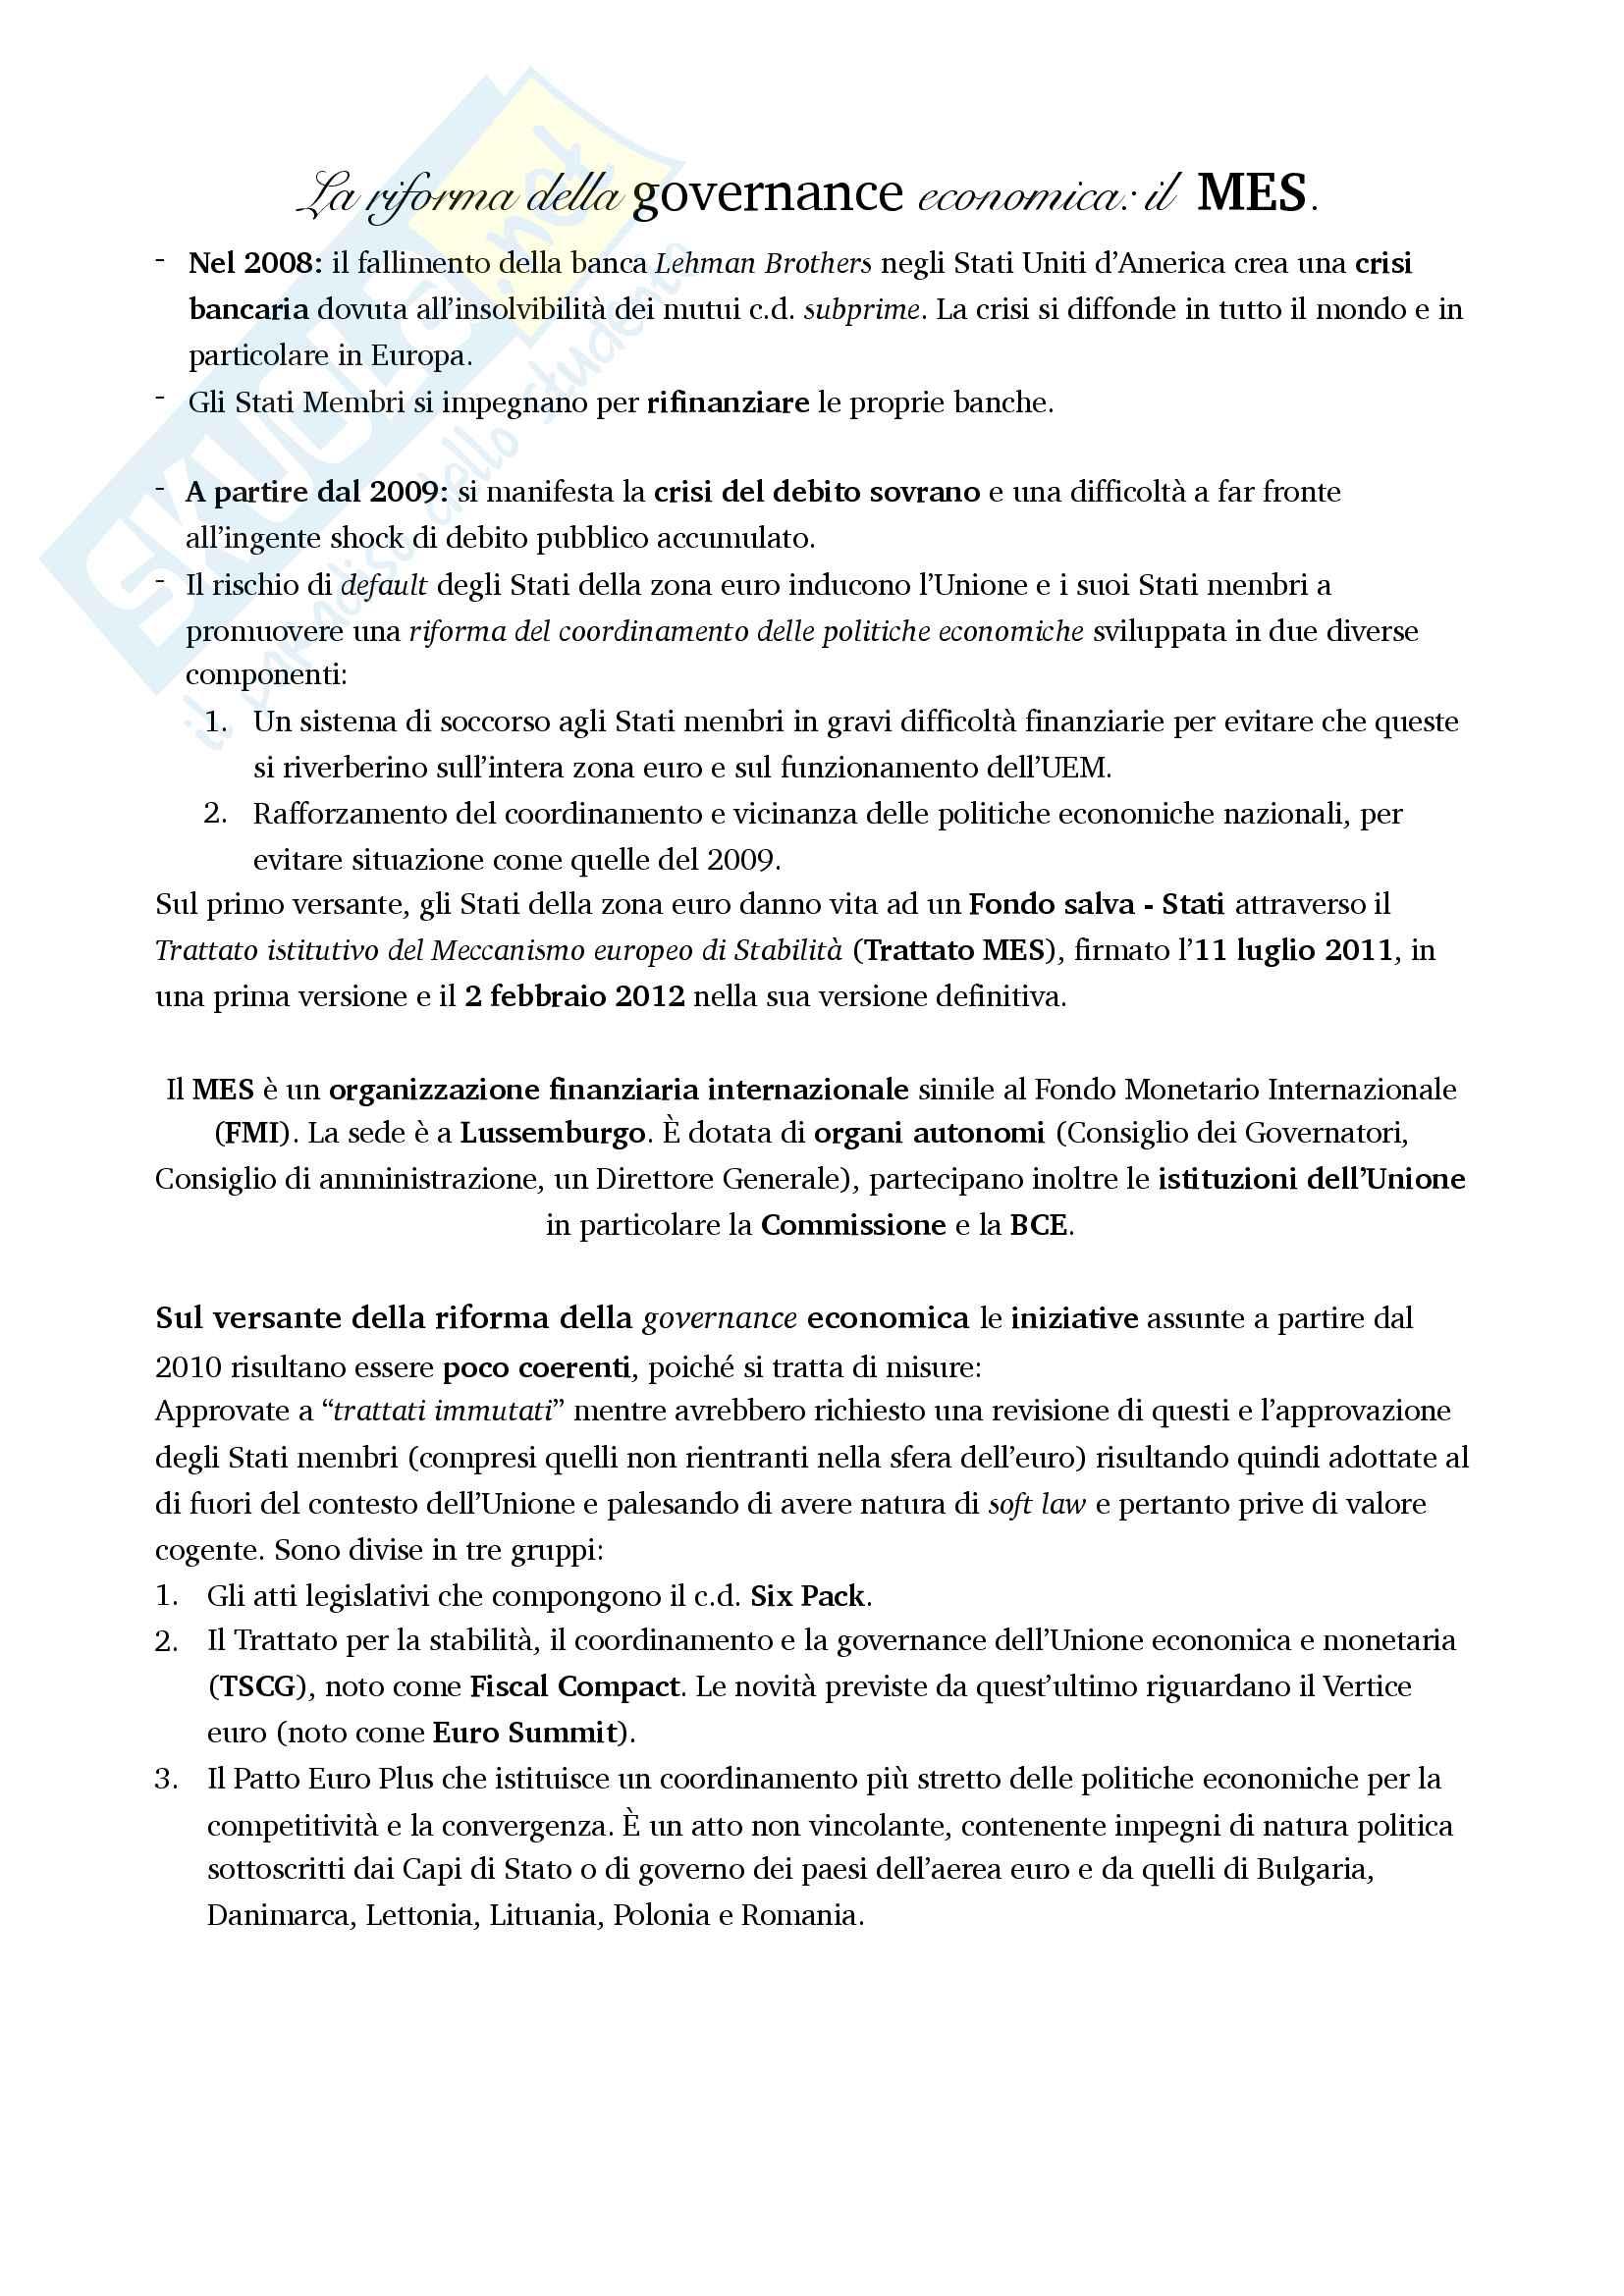 Riassunto esame di Diritto dell'Unione Europea Pag. 11